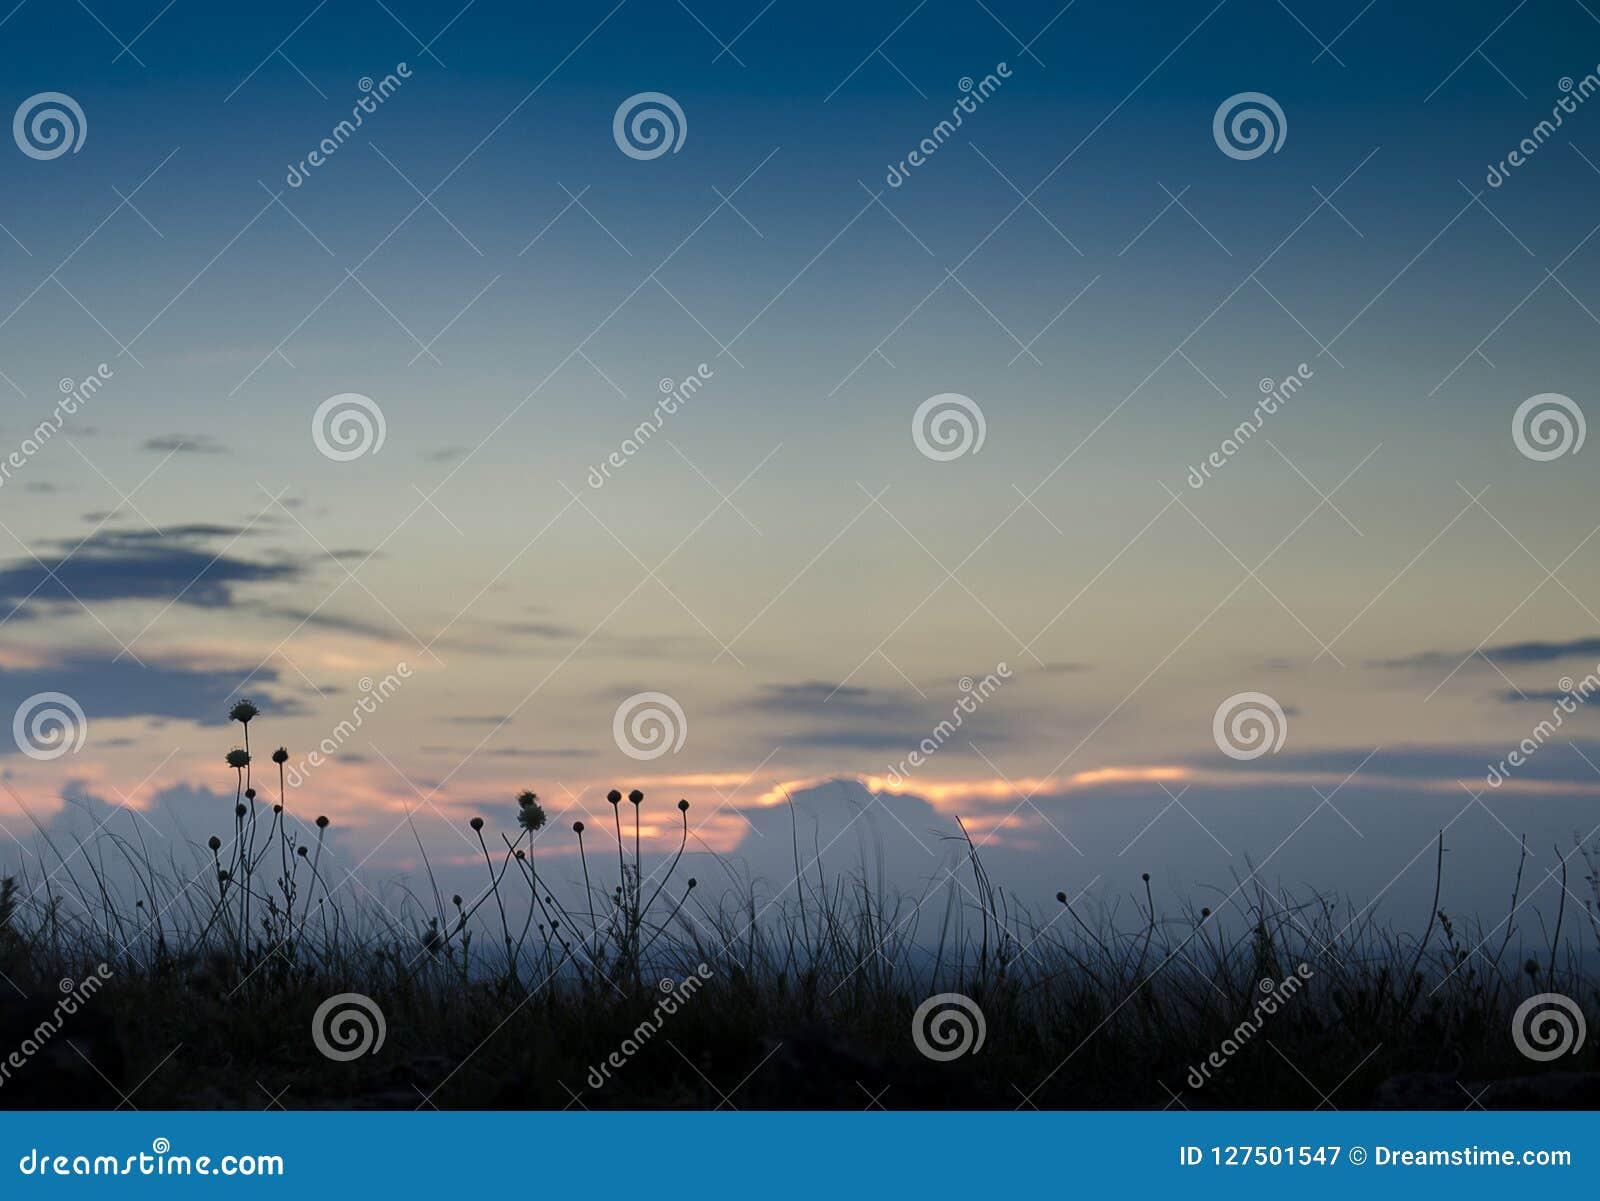 Ryssland Sommarsolnedgång i natur Fantastisk solnedgång över en sjö nära en grön äng